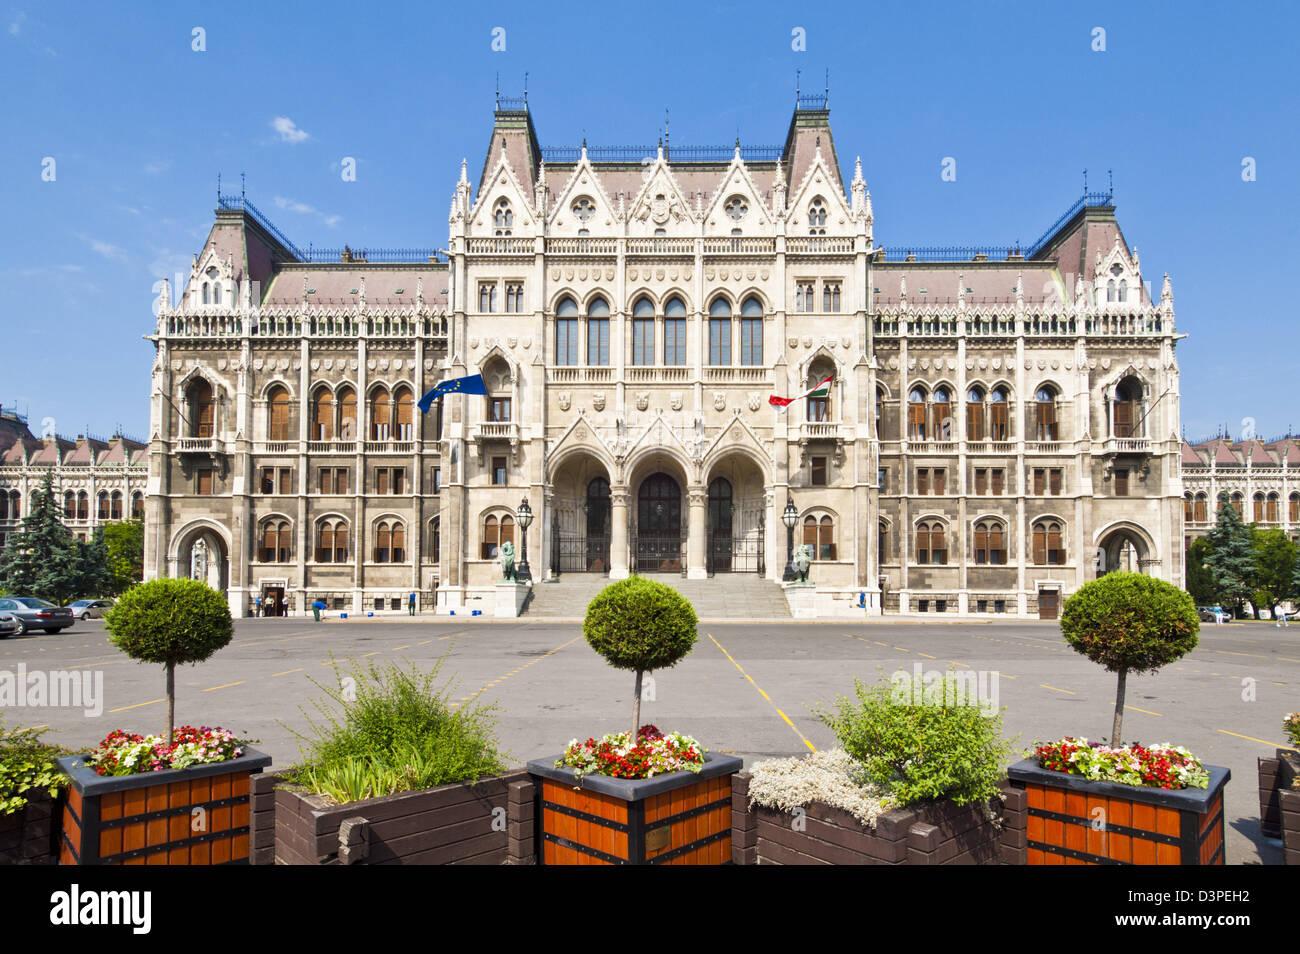 Le style néo-gothique du Parlement hongrois entrée de l'édifice conçu par Imre Steindl, Photo Stock